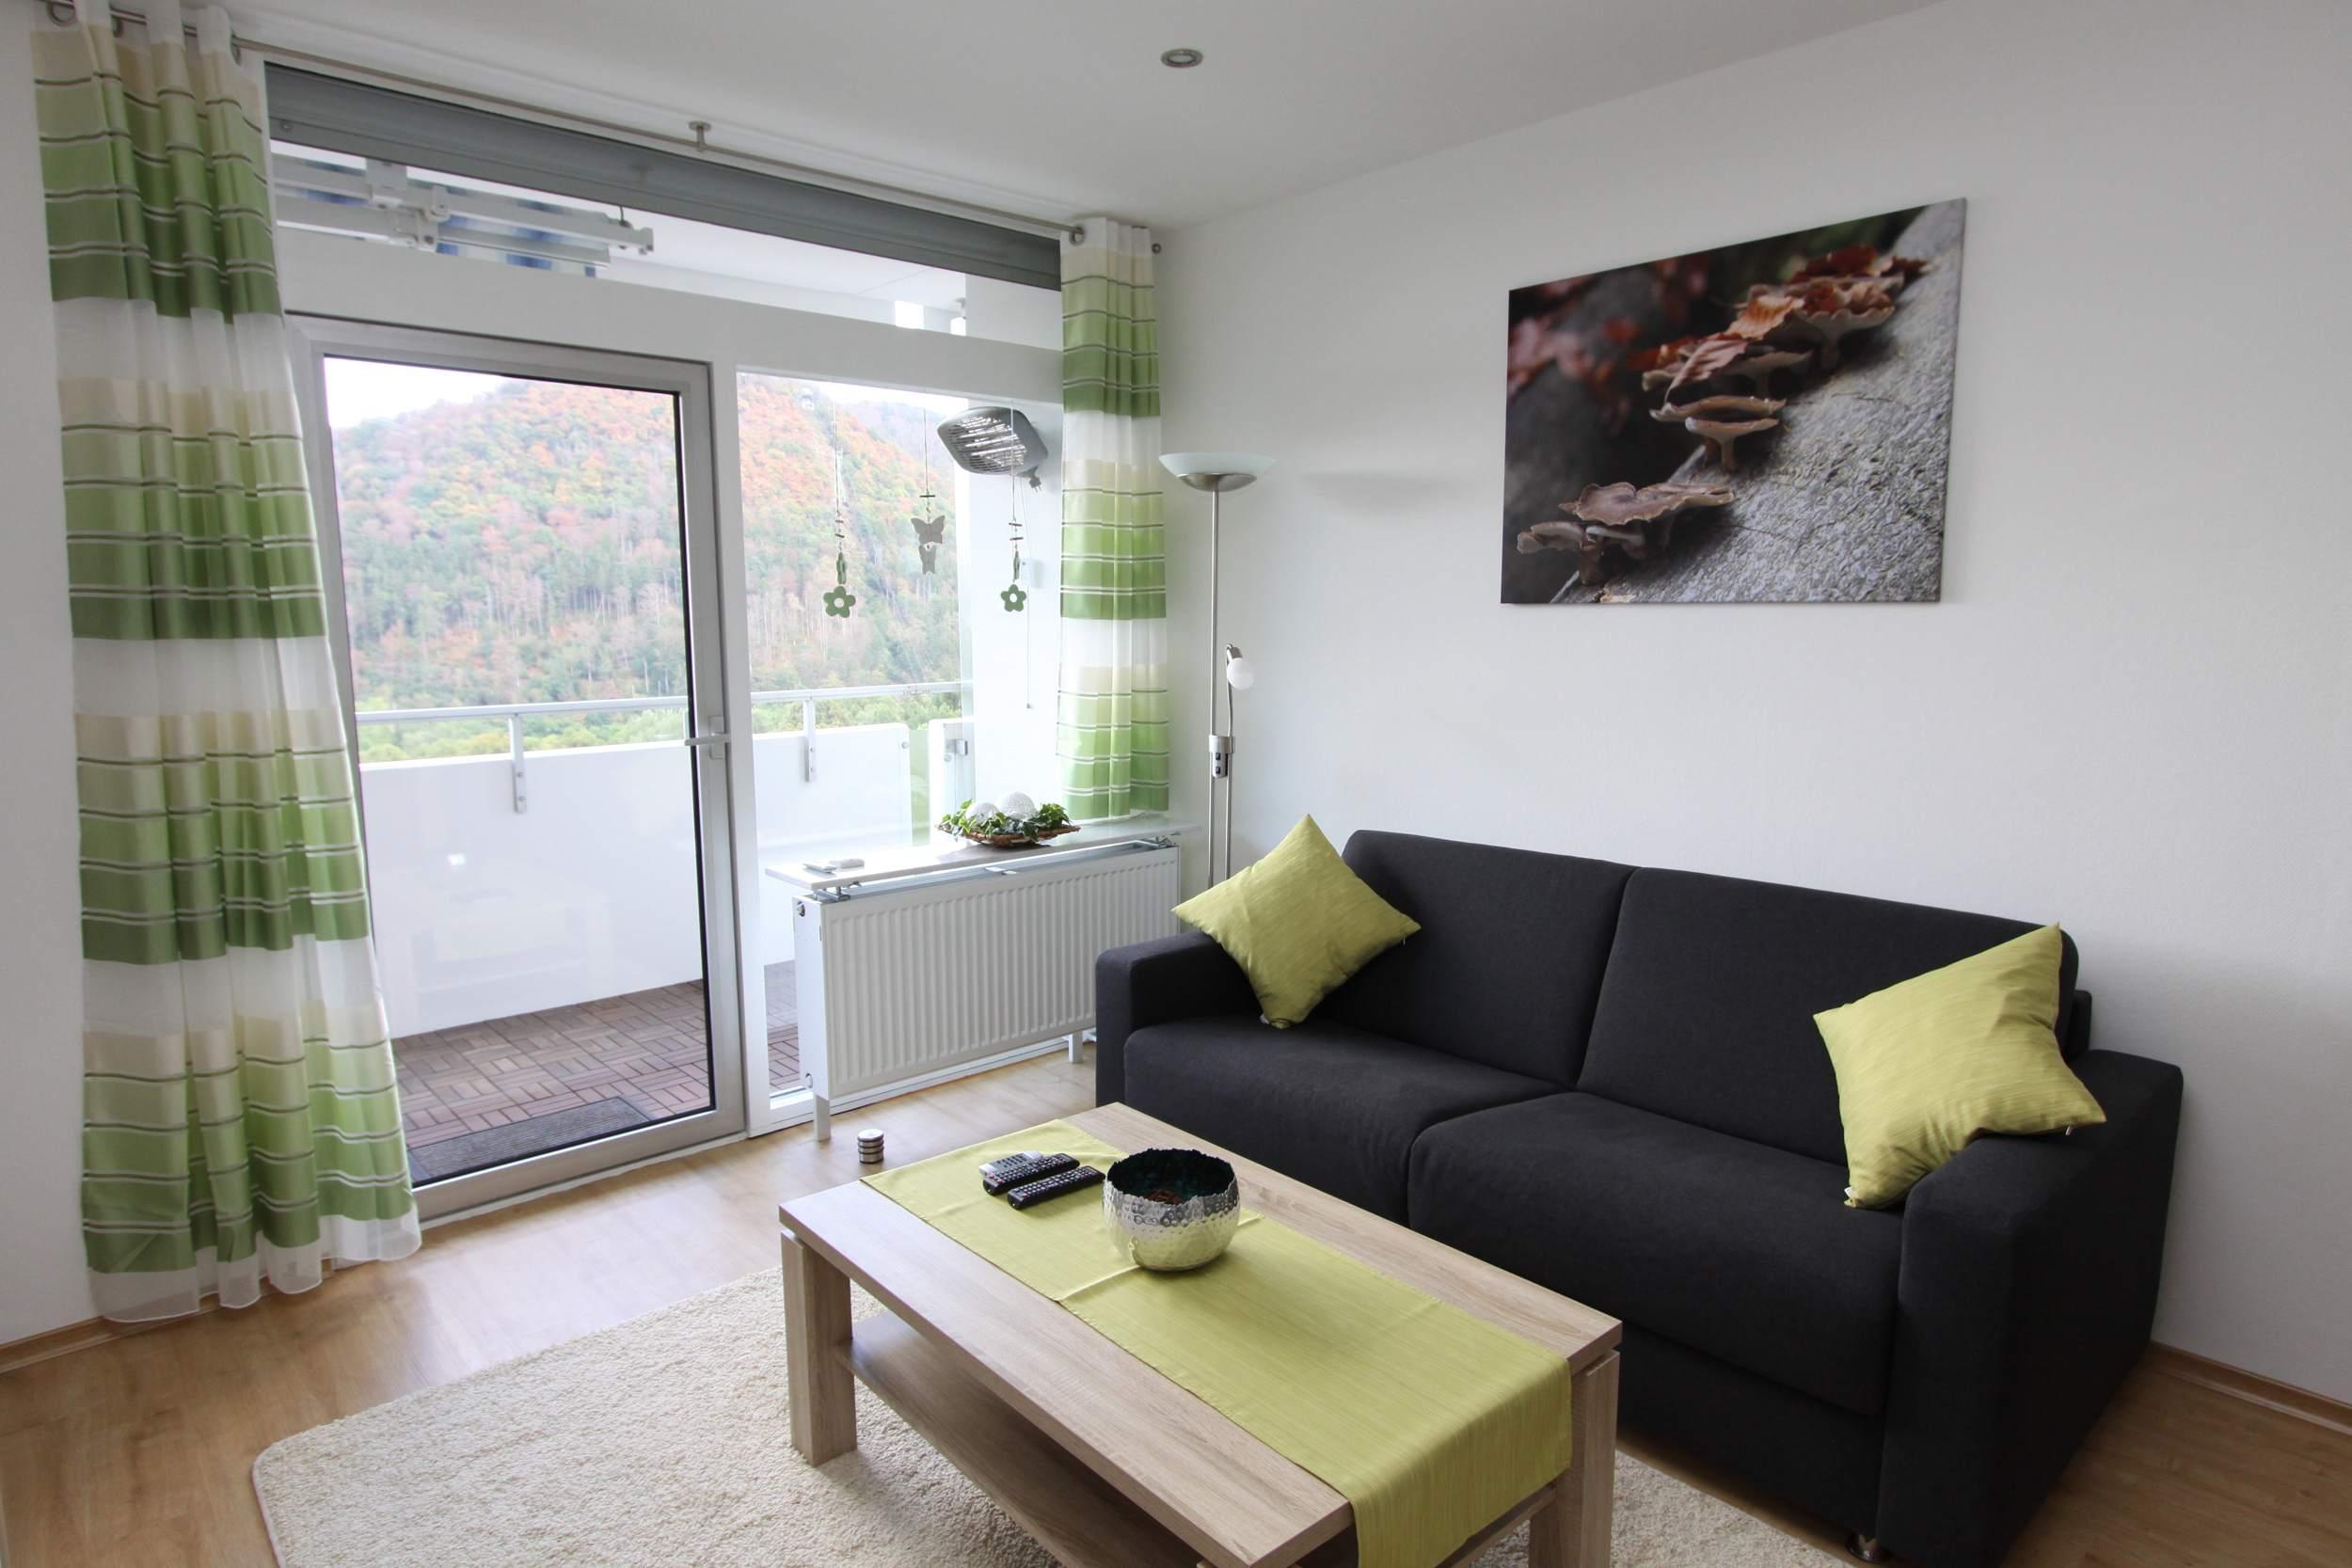 Ferienwohnung Riefenbach in Bad Harzburg - Wohnbereich mit Sofa